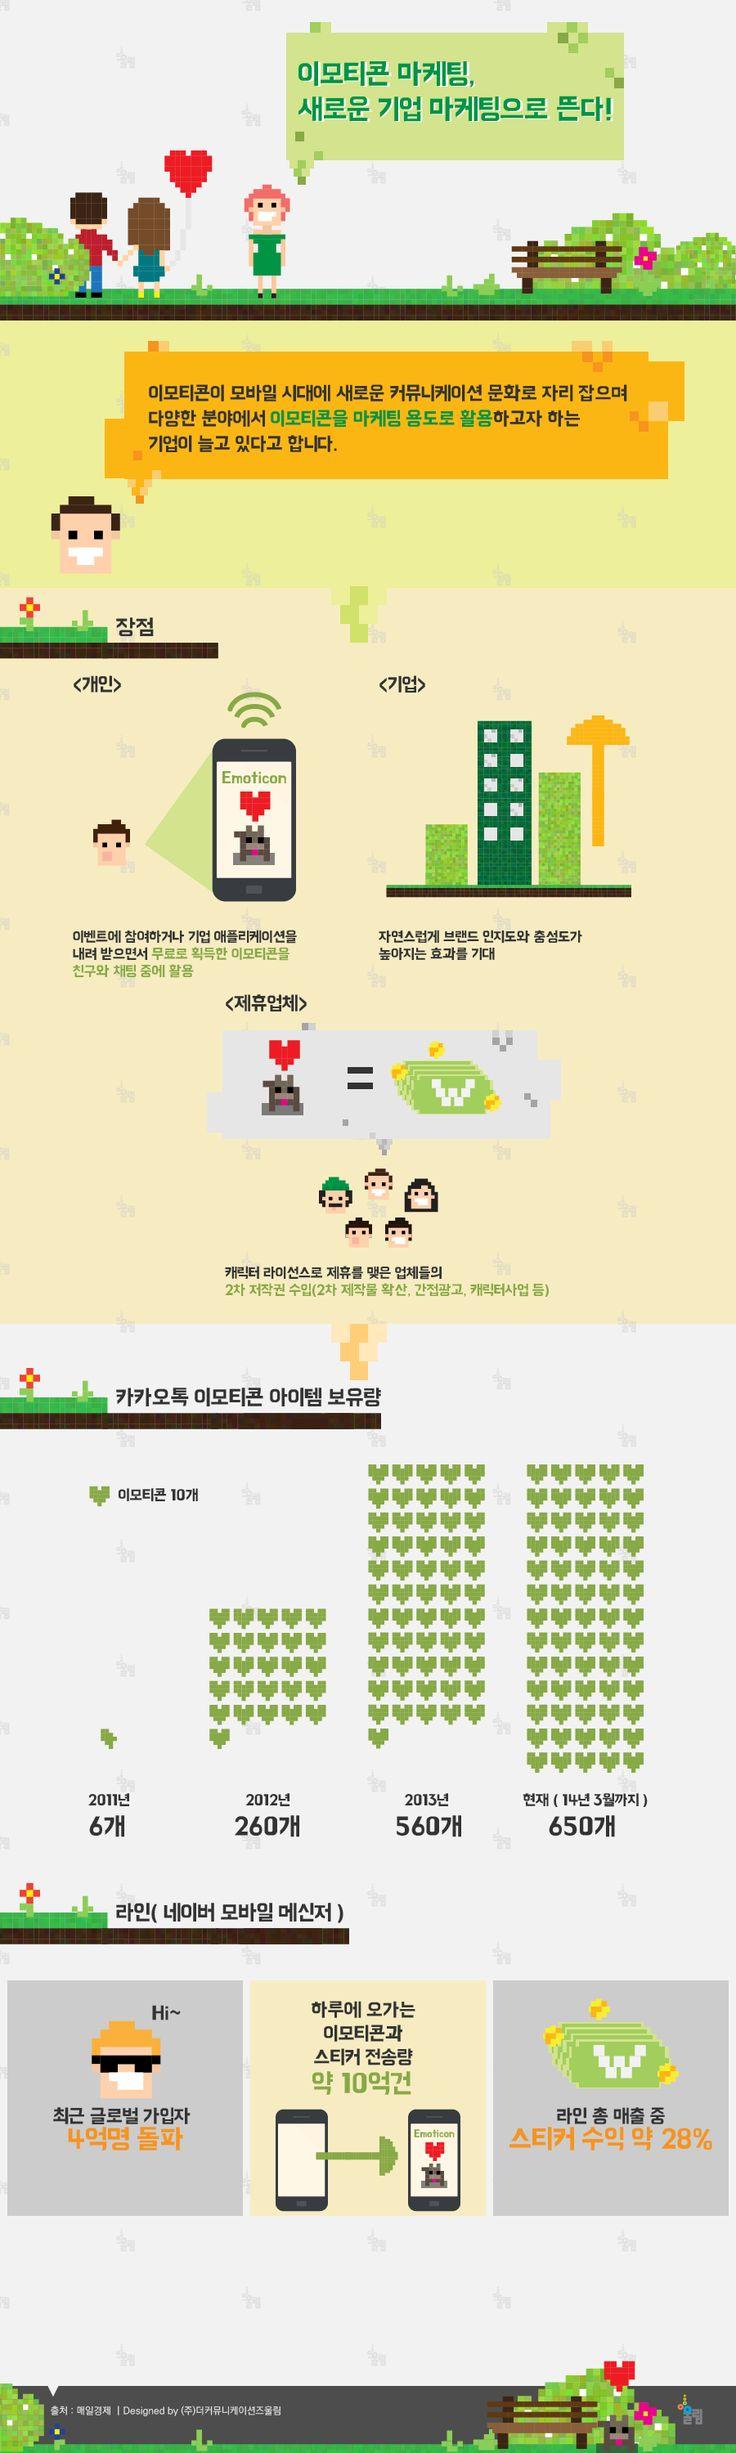 이모티콘 마케팅, 새로운 기업 마케팅으로 뜬다!'에 관한 인포그래픽